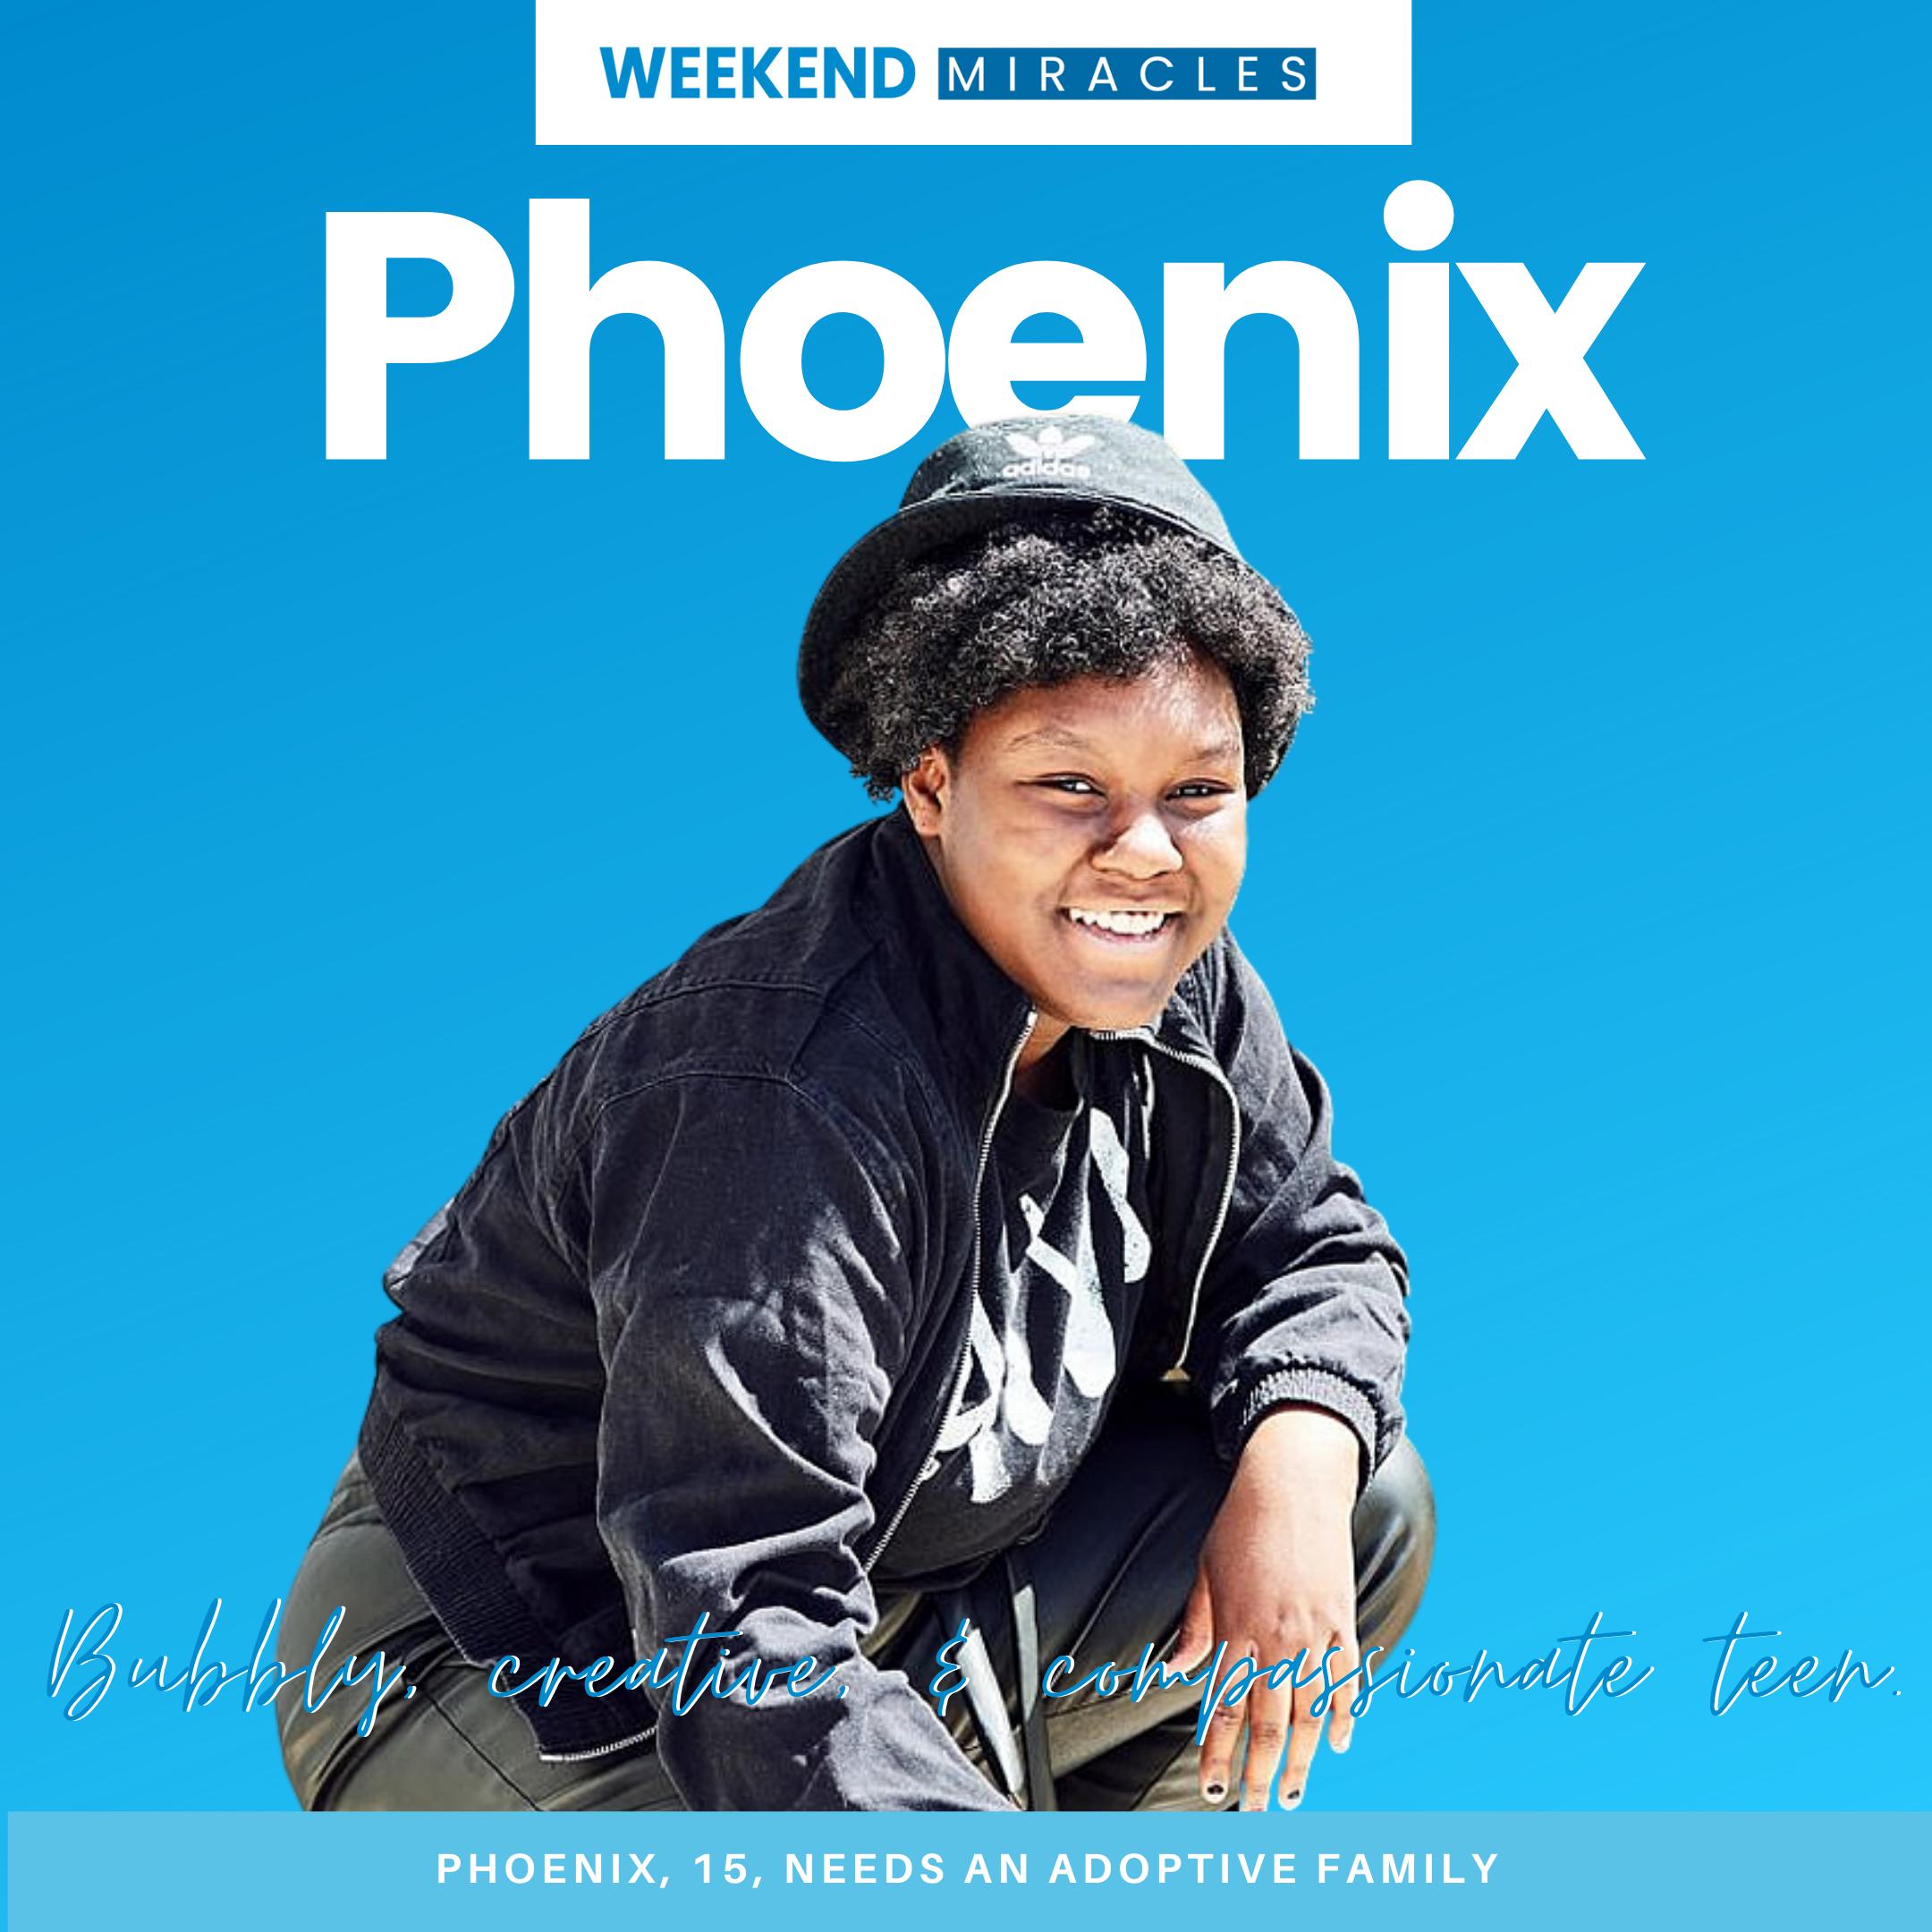 Meet Phoenix